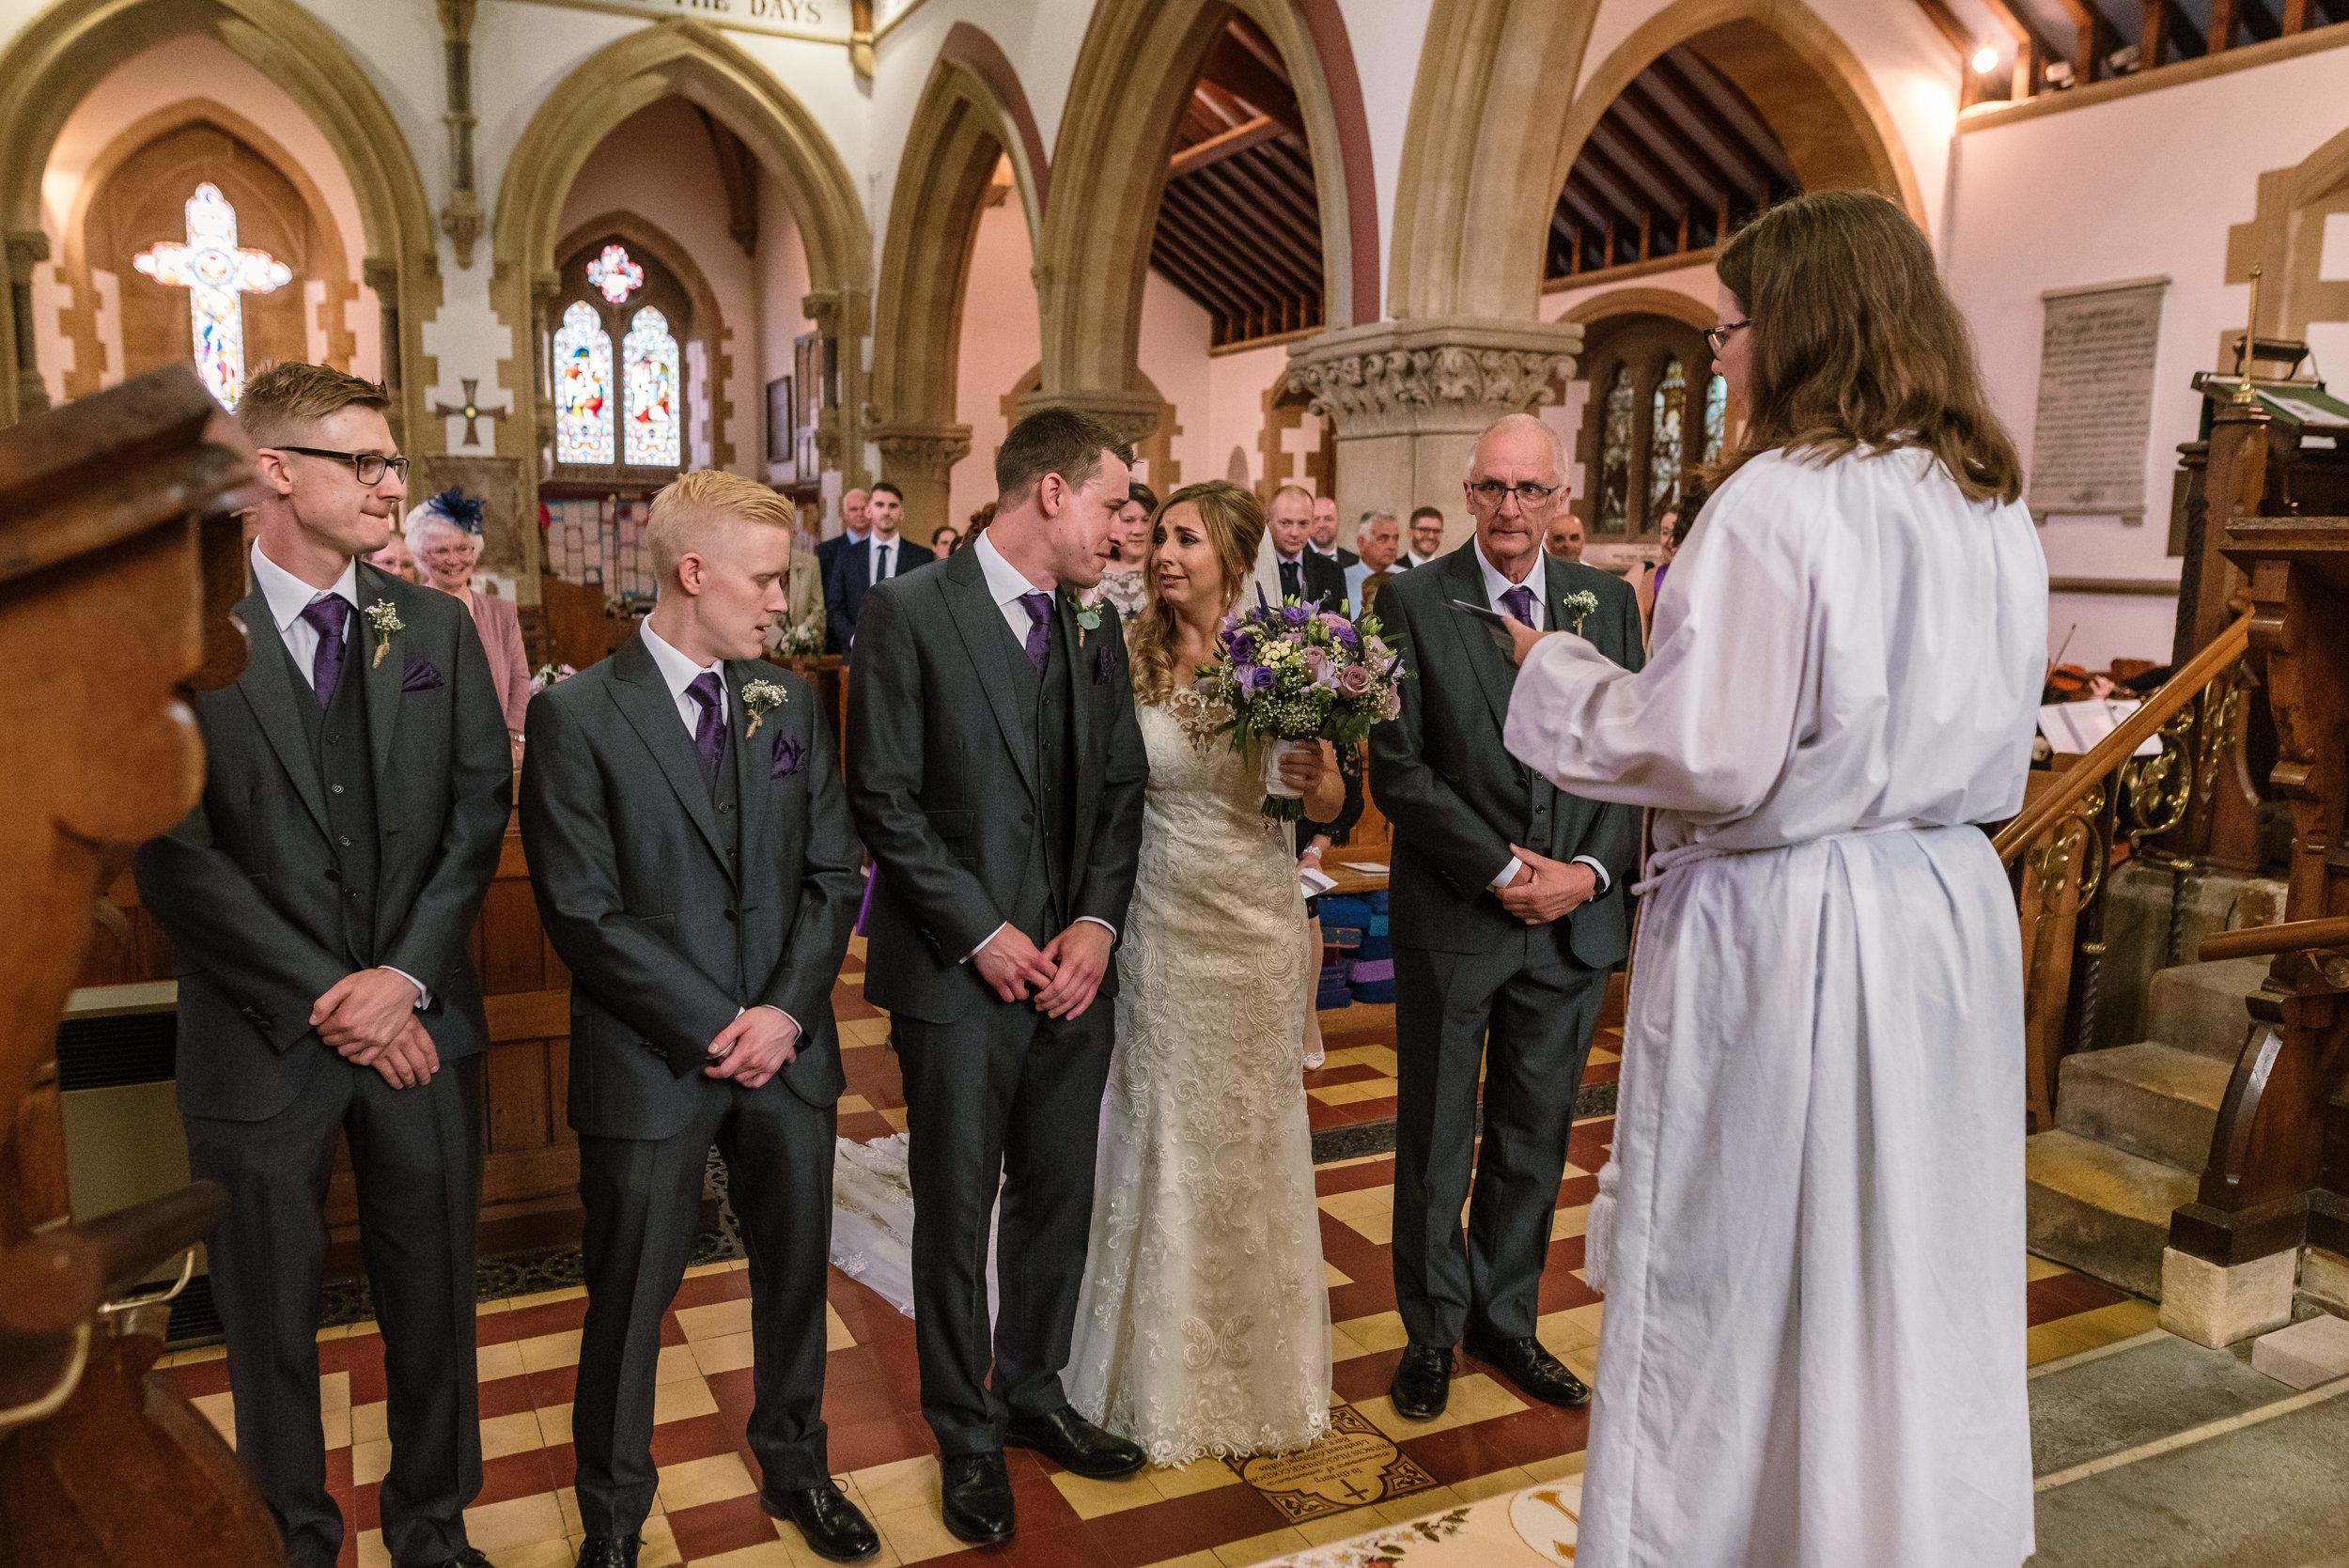 Hampshire Wedding Photographer Hampshire : Ufton-Court-Wedding : Barn-wedding-venue-hampshire : sarah-fishlock-photography : hampshire-barn-wedding-377.jpg